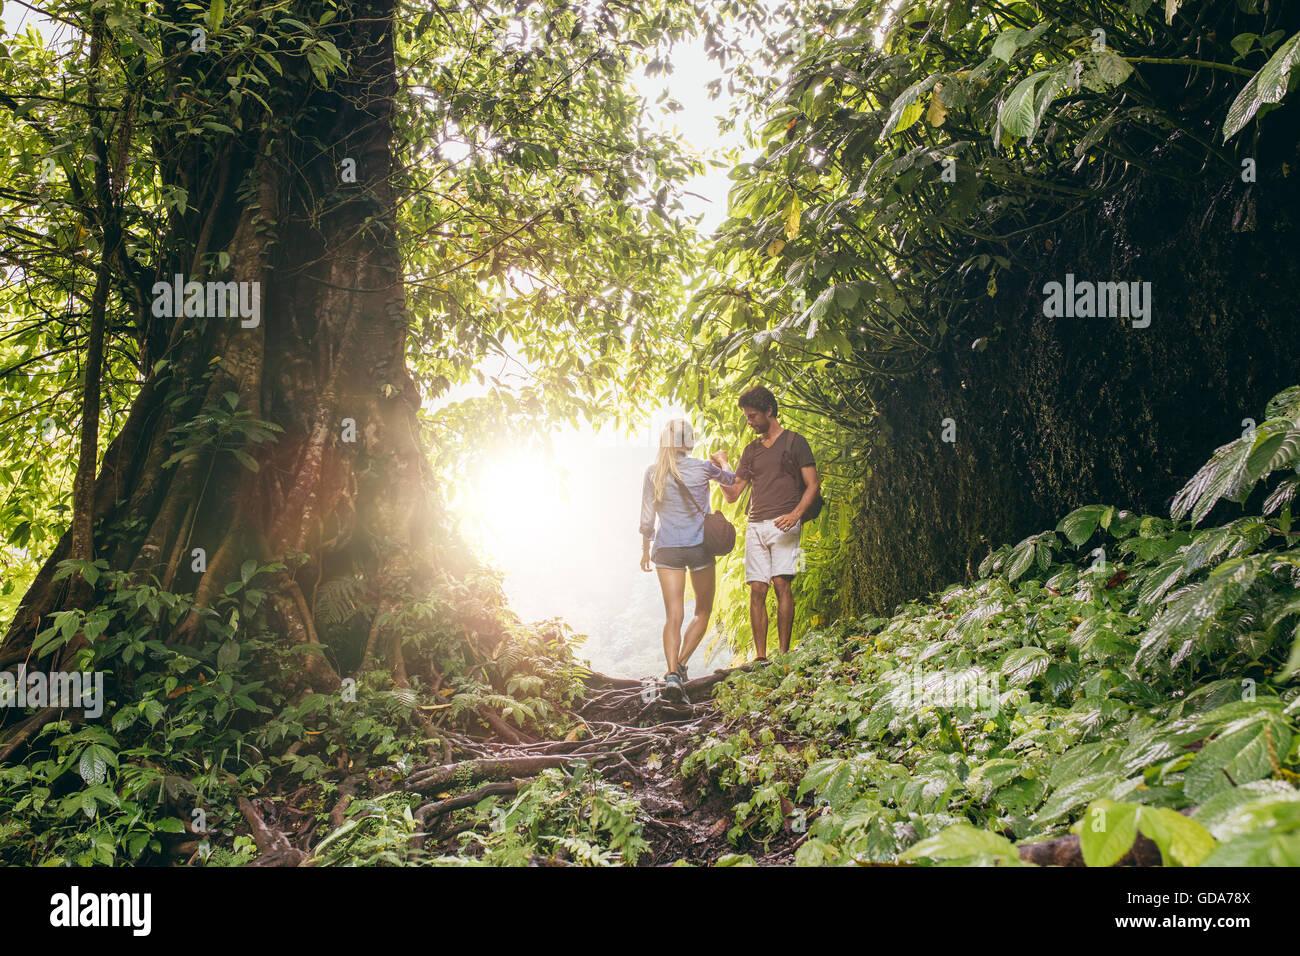 Jeune homme et femme randonnée en jungle tropicale. Couple de randonneurs marche le long du sentier forestier. Photo Stock